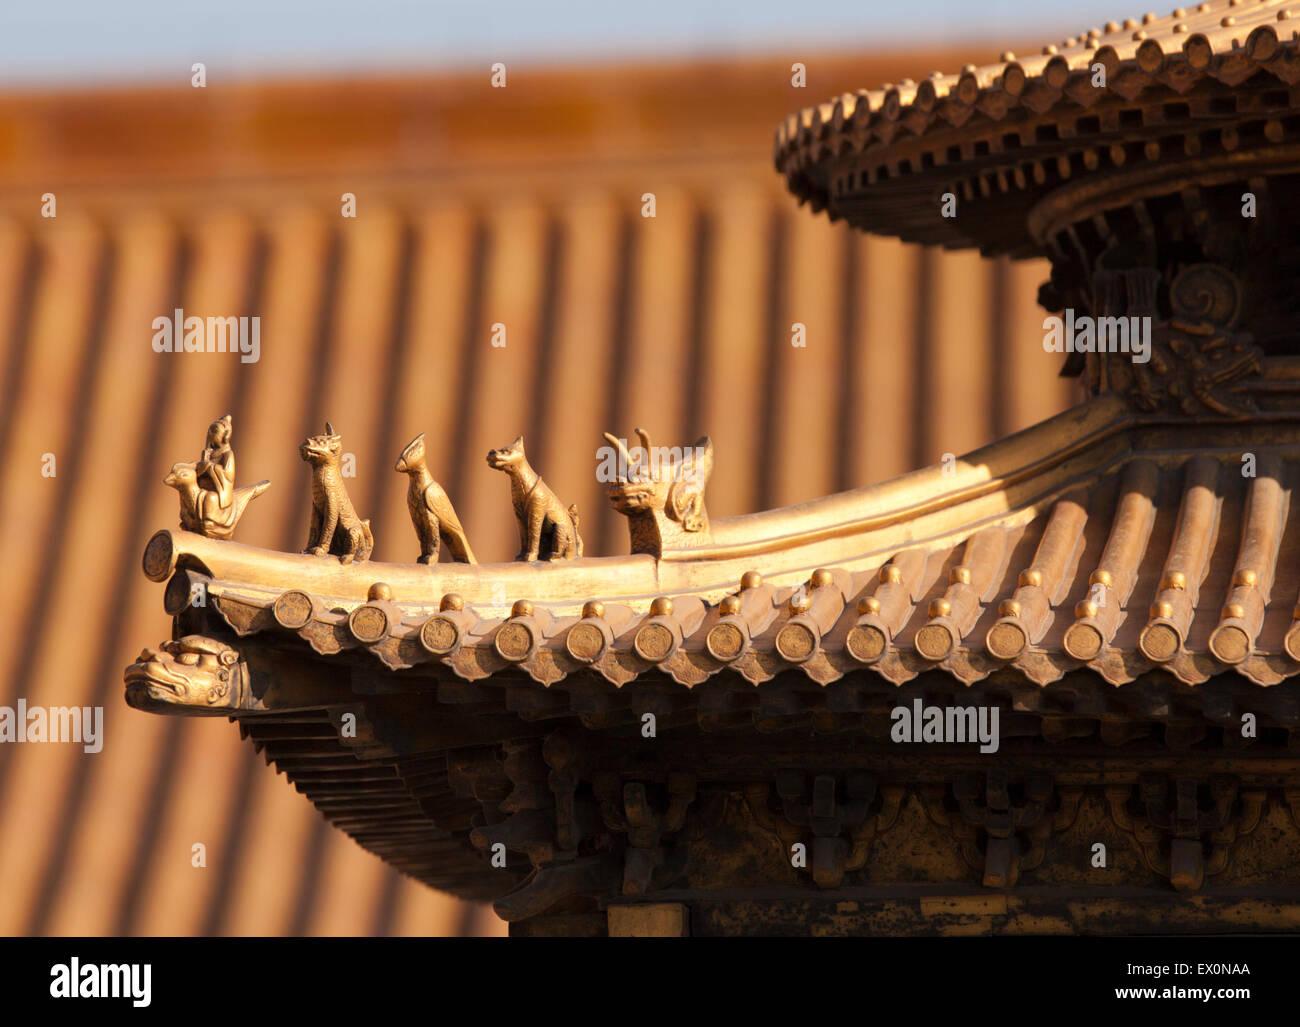 Detalle del techo, la Ciudad Prohibida, Beijing, China Imagen De Stock